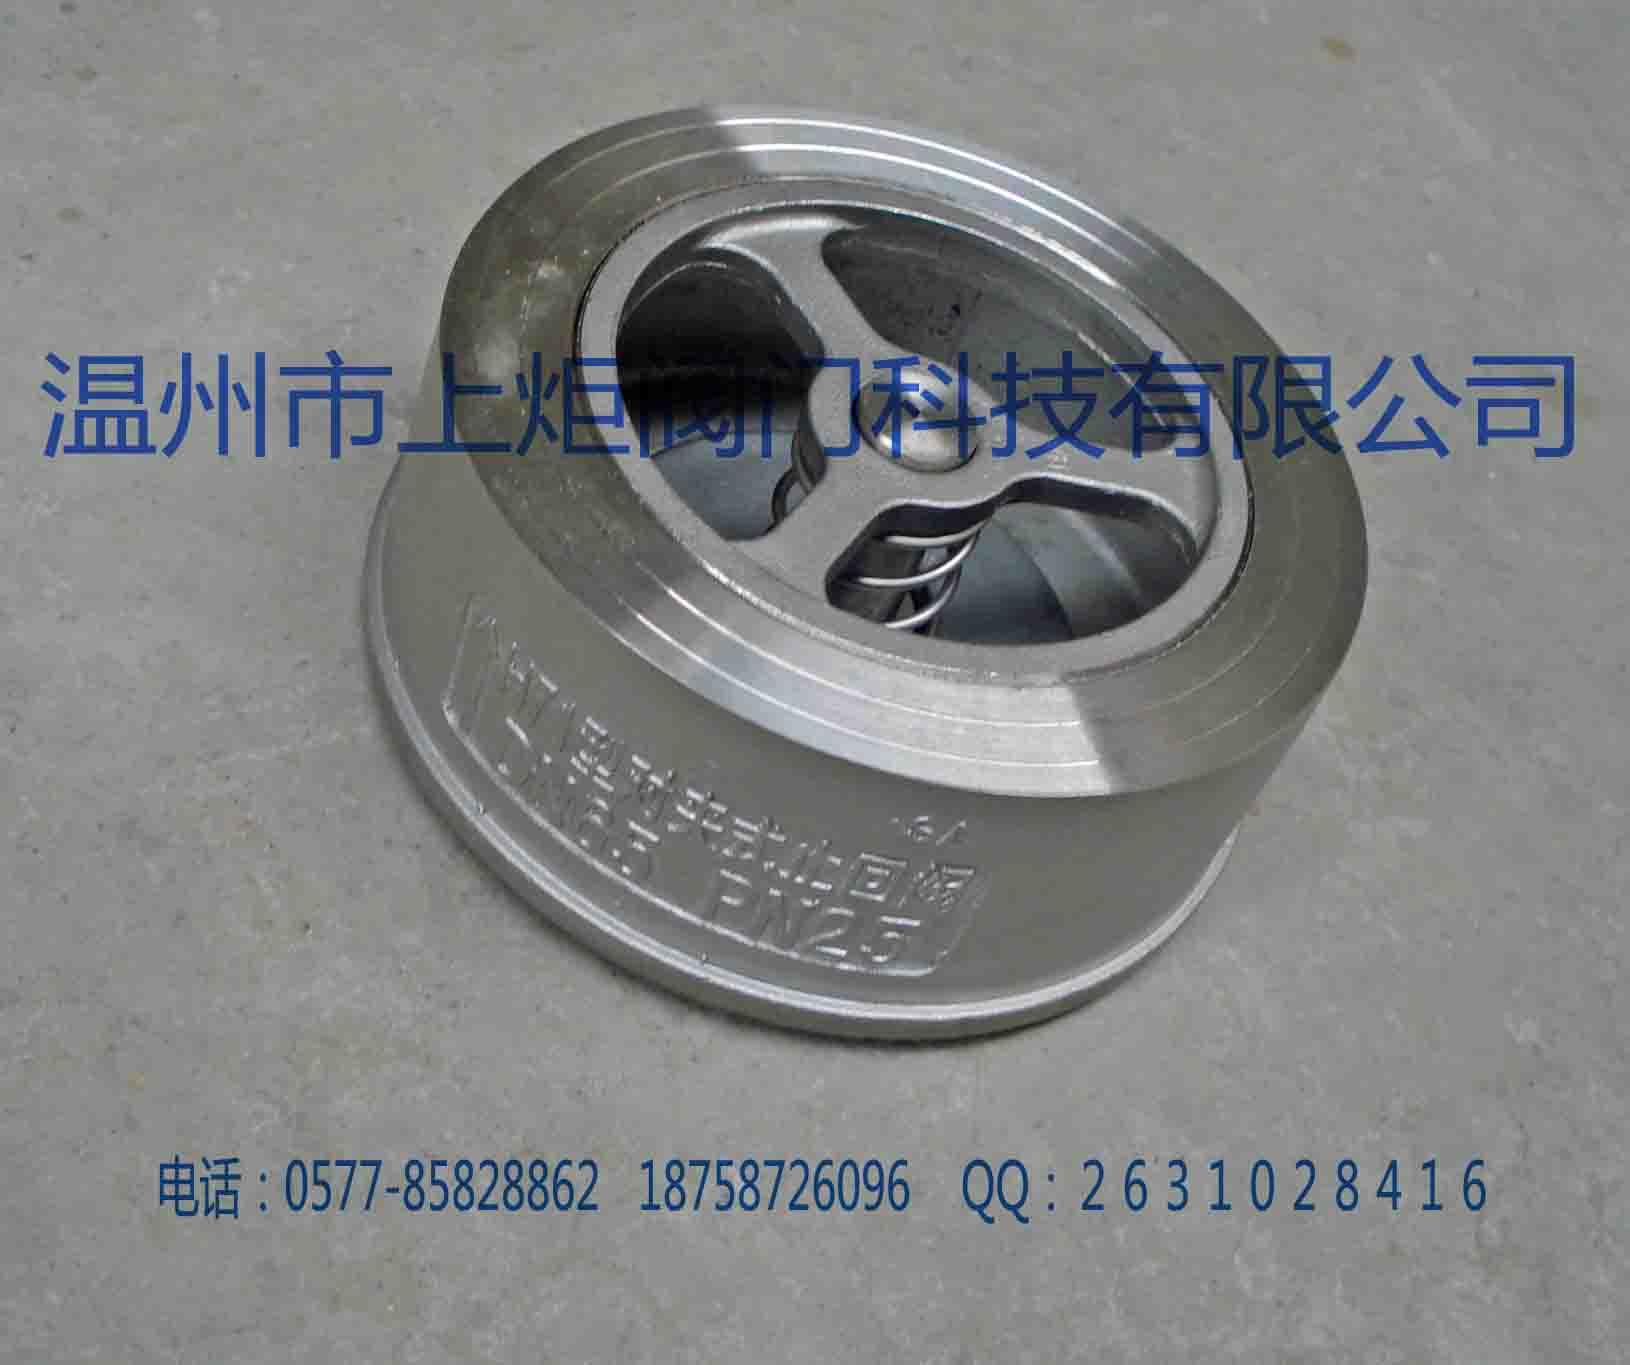 精品推薦 溫州廠家供應H71對夾式止回閥 質量保證